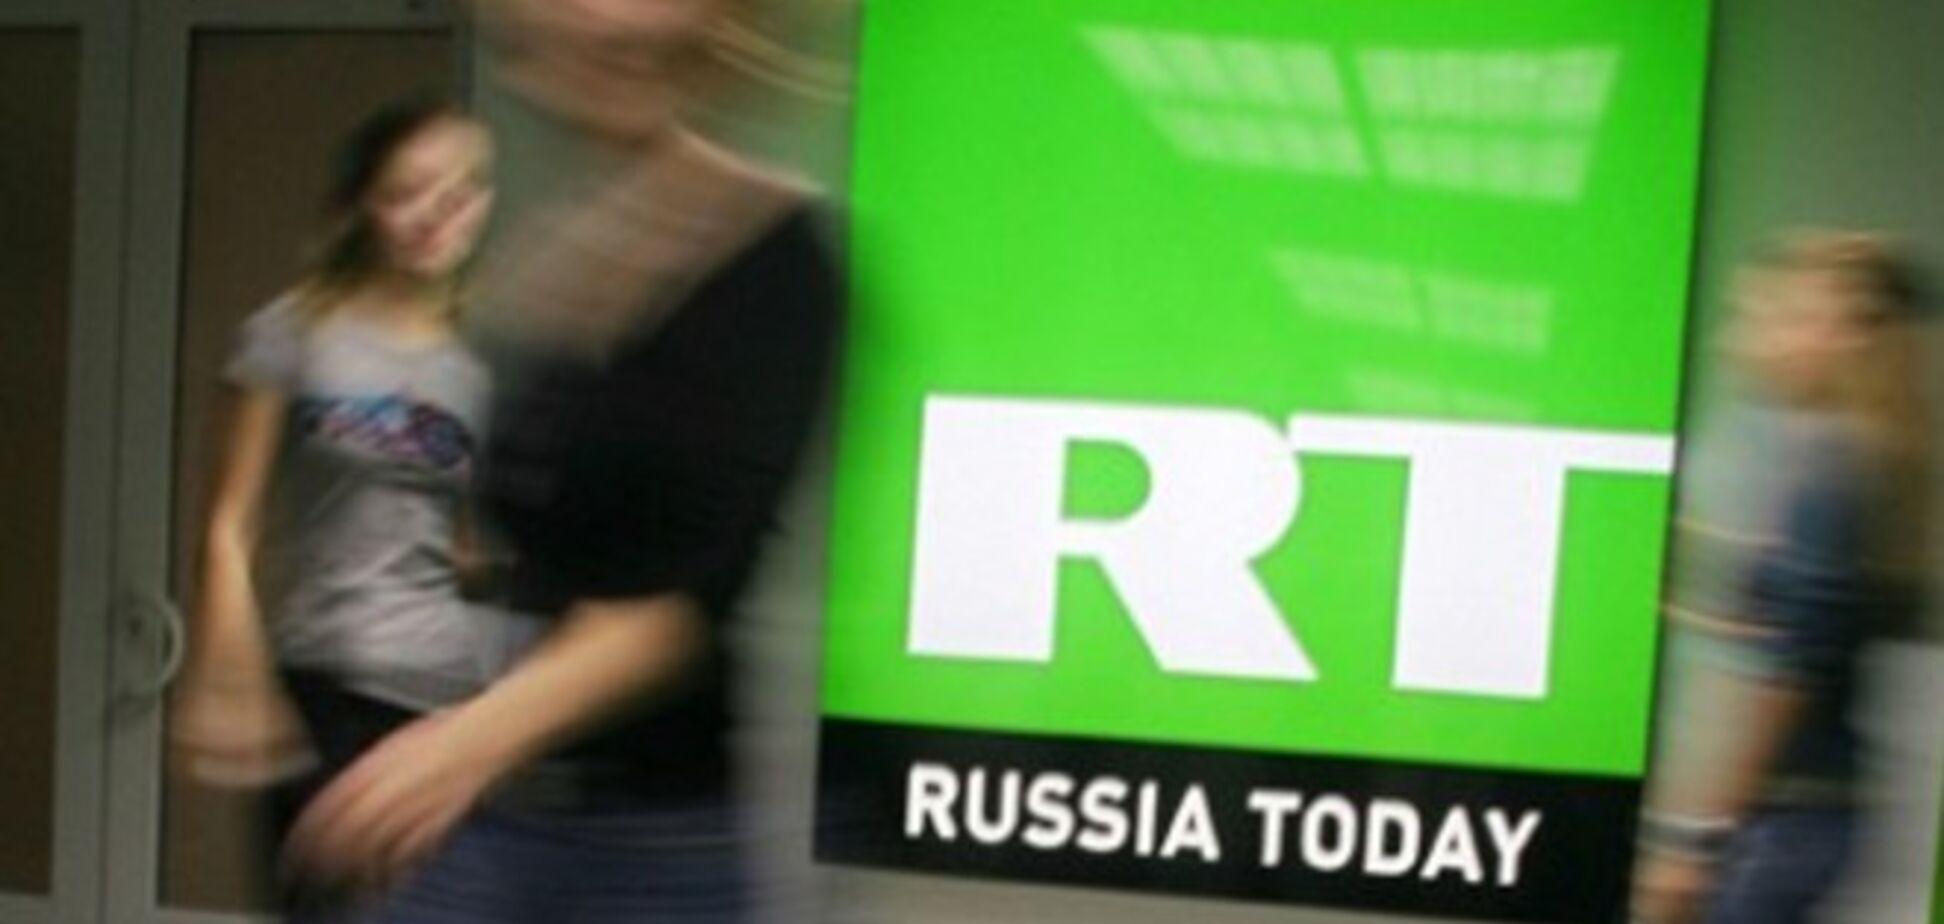 СБУ задержала в Донецке журналиста 'Russia Today' и выдворила его из страны